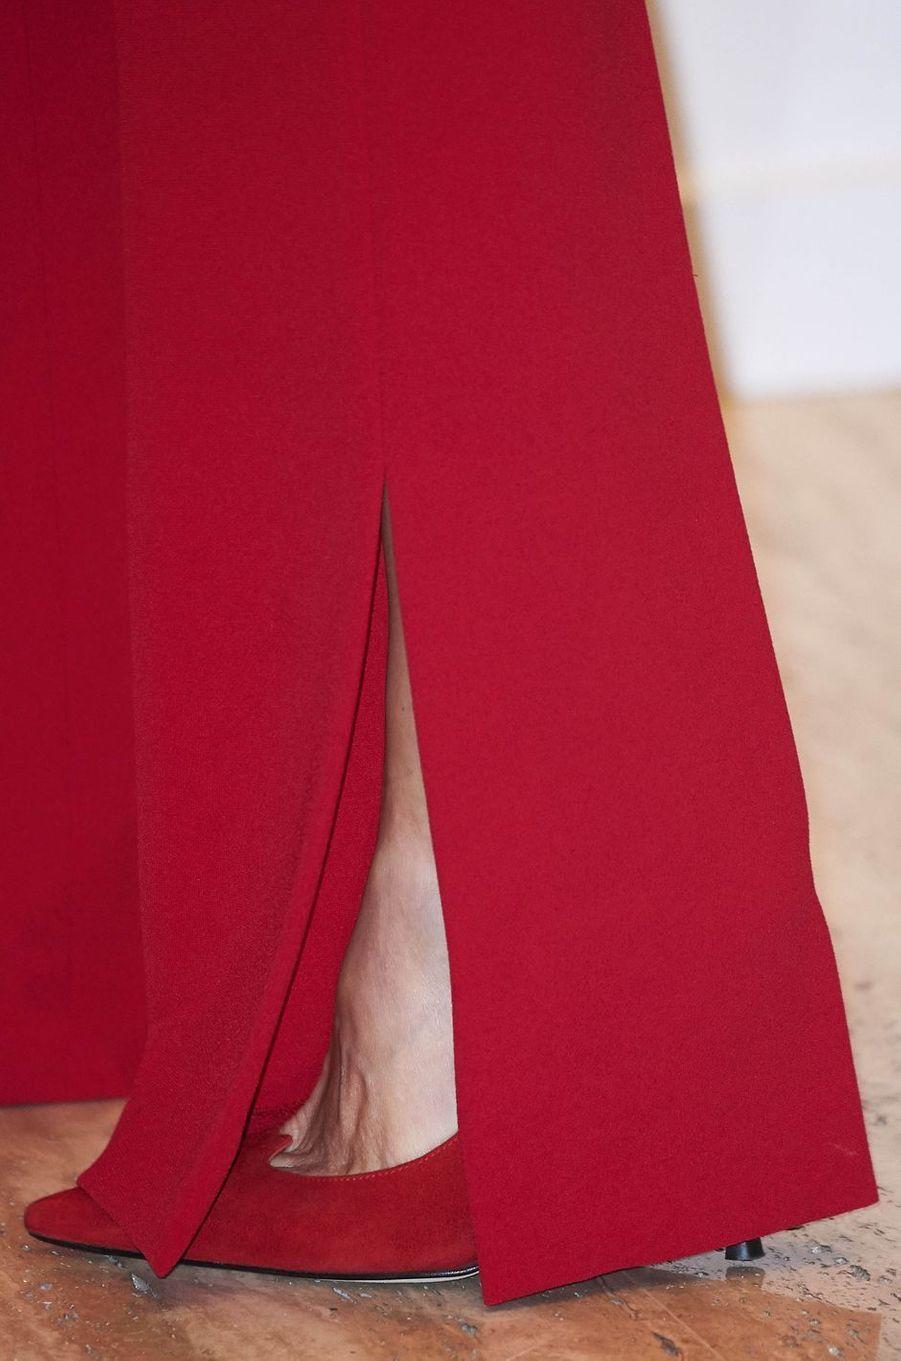 Le bas du pantalon de la reine Letizia d'Espagne à Valladolid, le 22 mars 2018